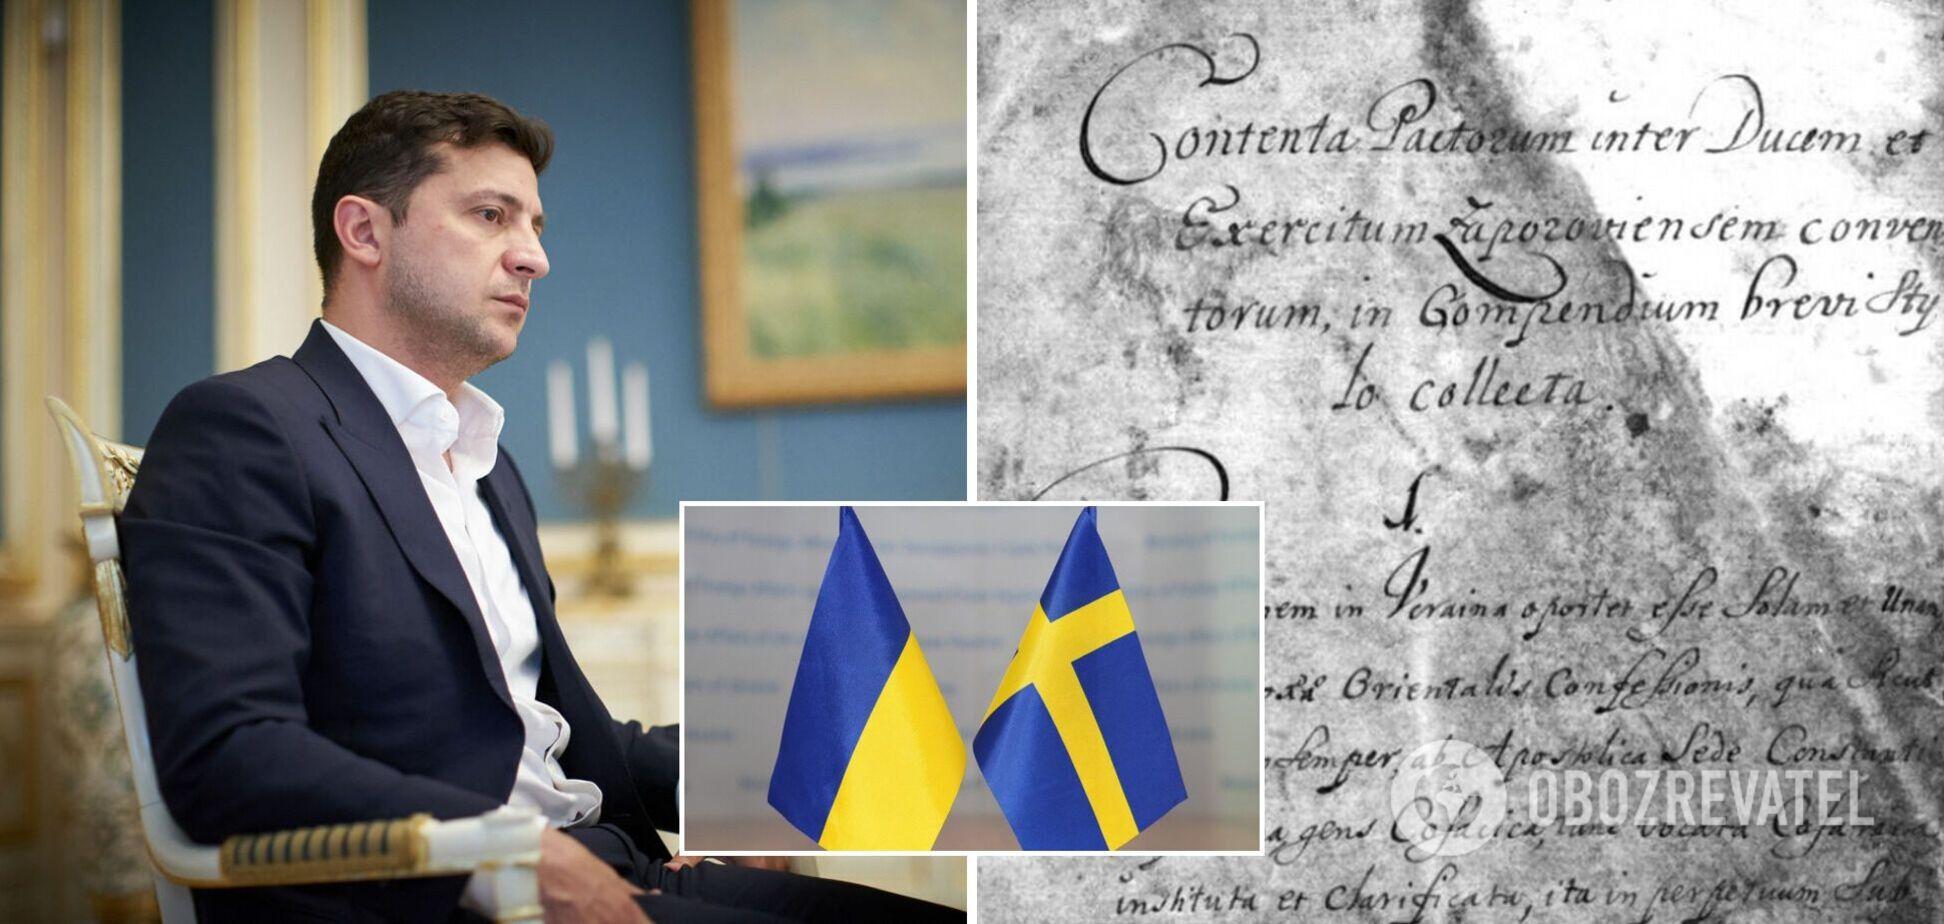 Зеленский поблагодарил Швецию за предоставление Украине Конституции Пилипа Орлика